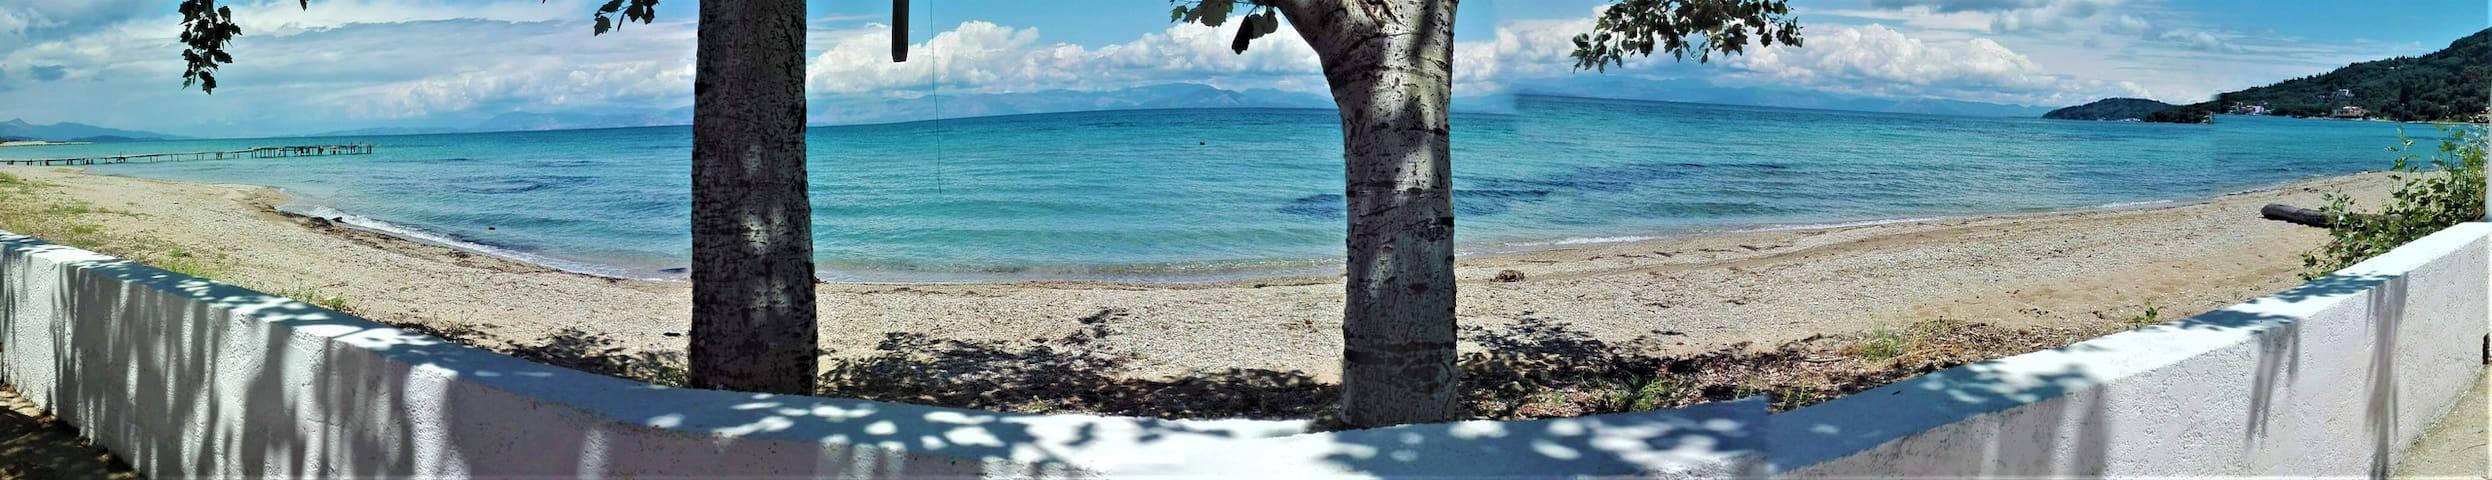 Μοραϊτικα的民宿